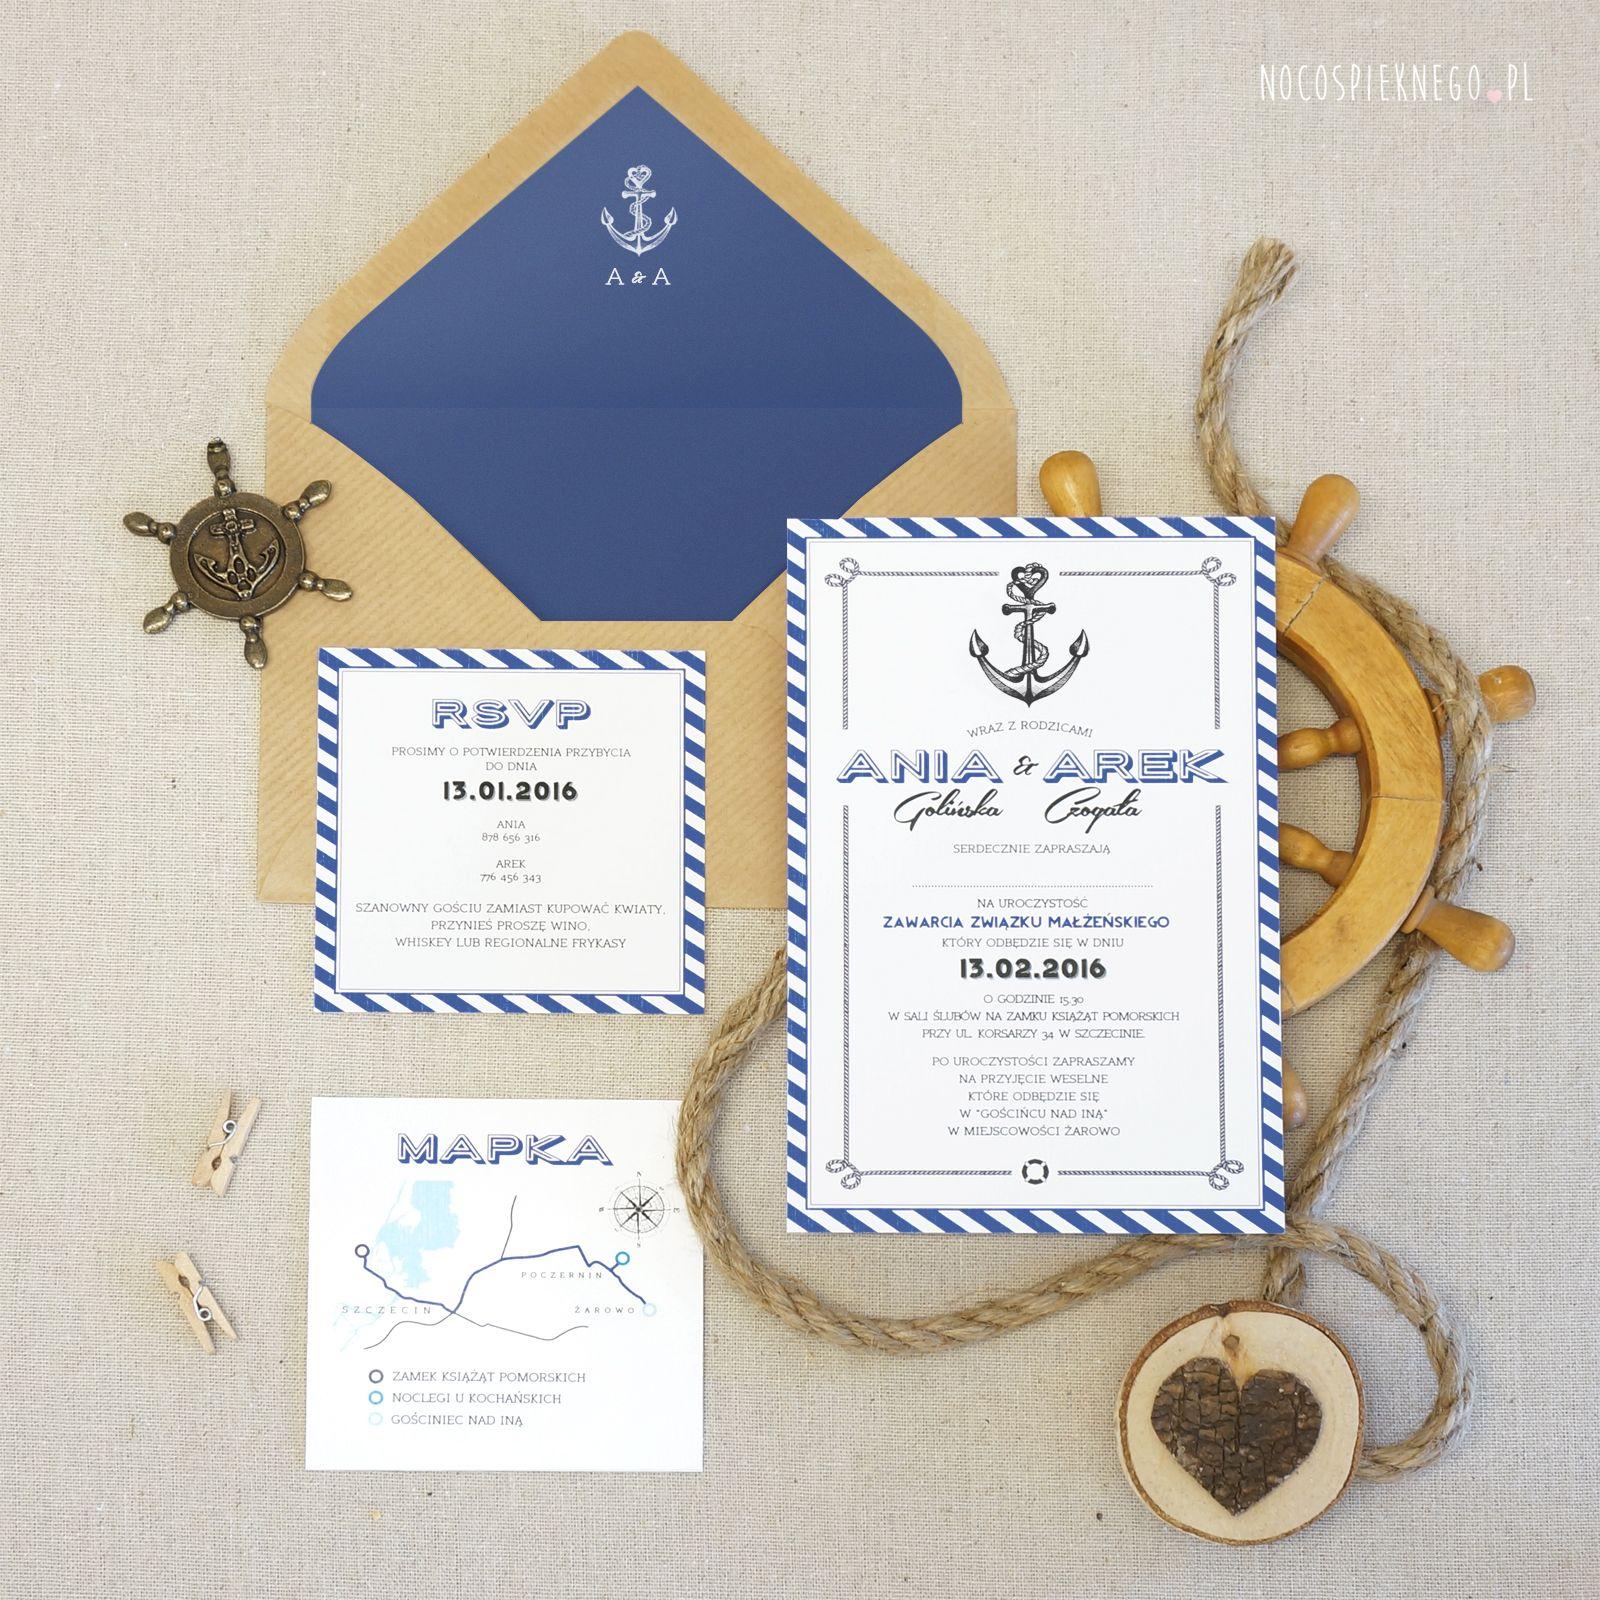 By The Sea Zaproszenia Slubne Oryginalne Zaproszenia Wyjatkowe Projekty Wesele No Cos Pieknego Place Card Holders Place Cards Cards